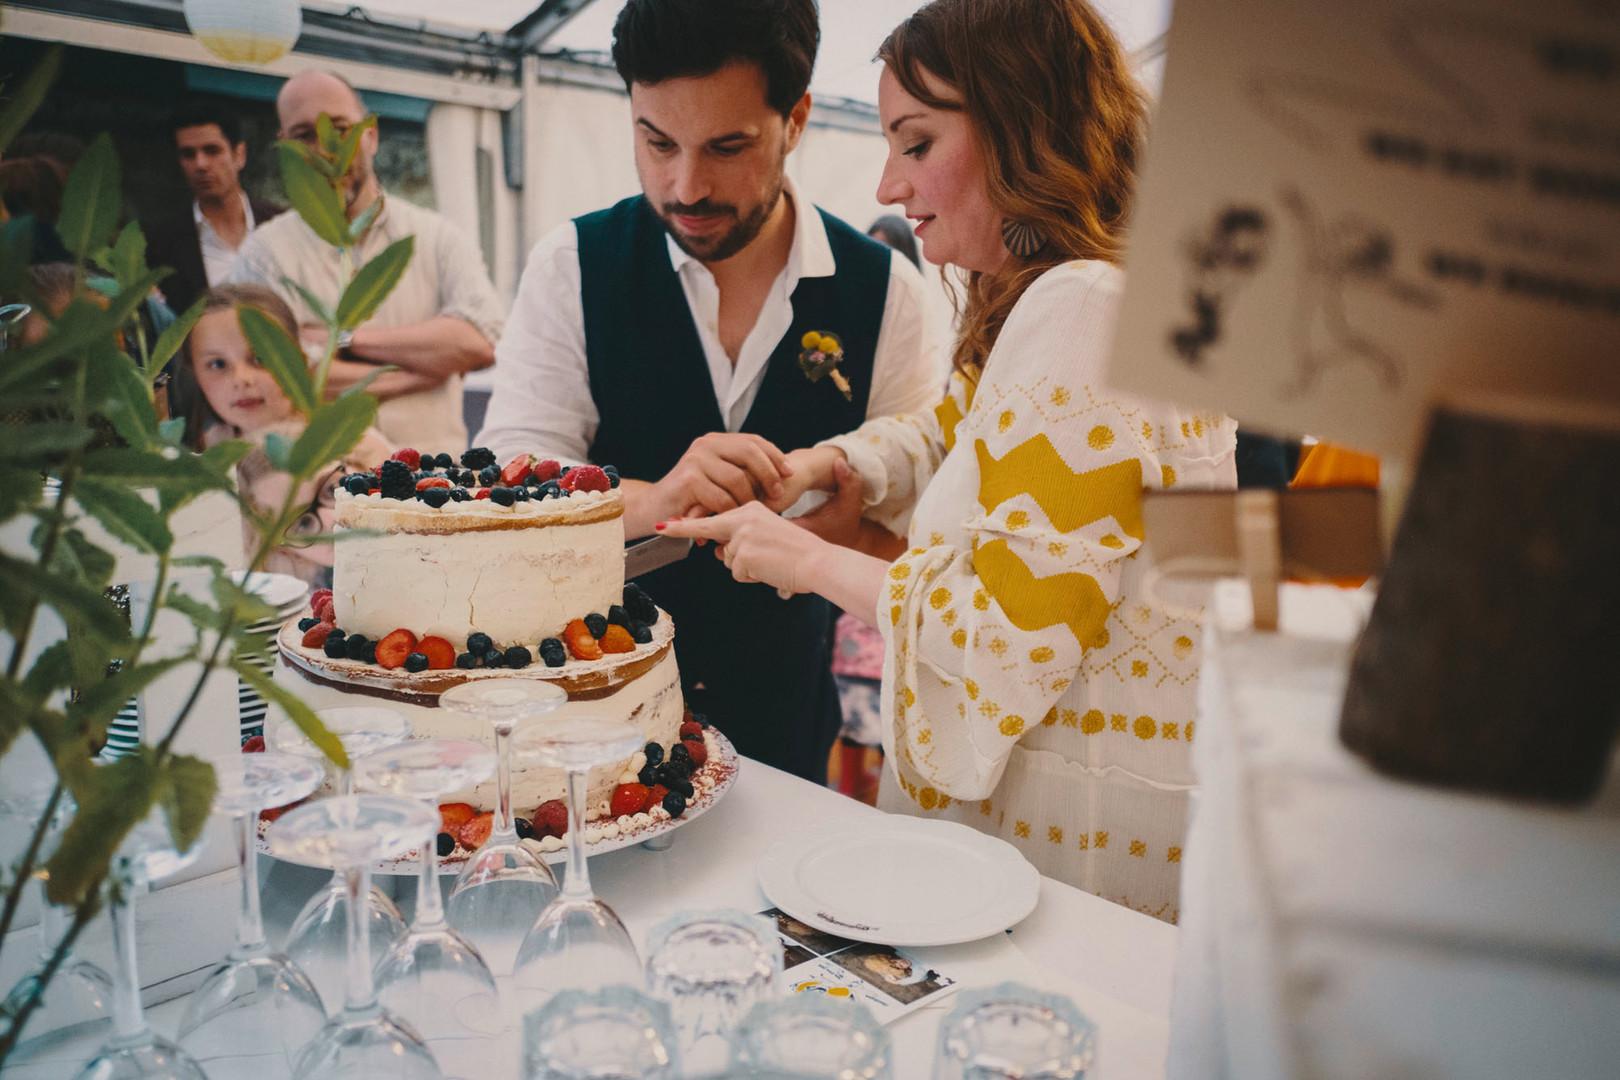 2019_06_Hochzeit_Tobias_Carrie_Reportage